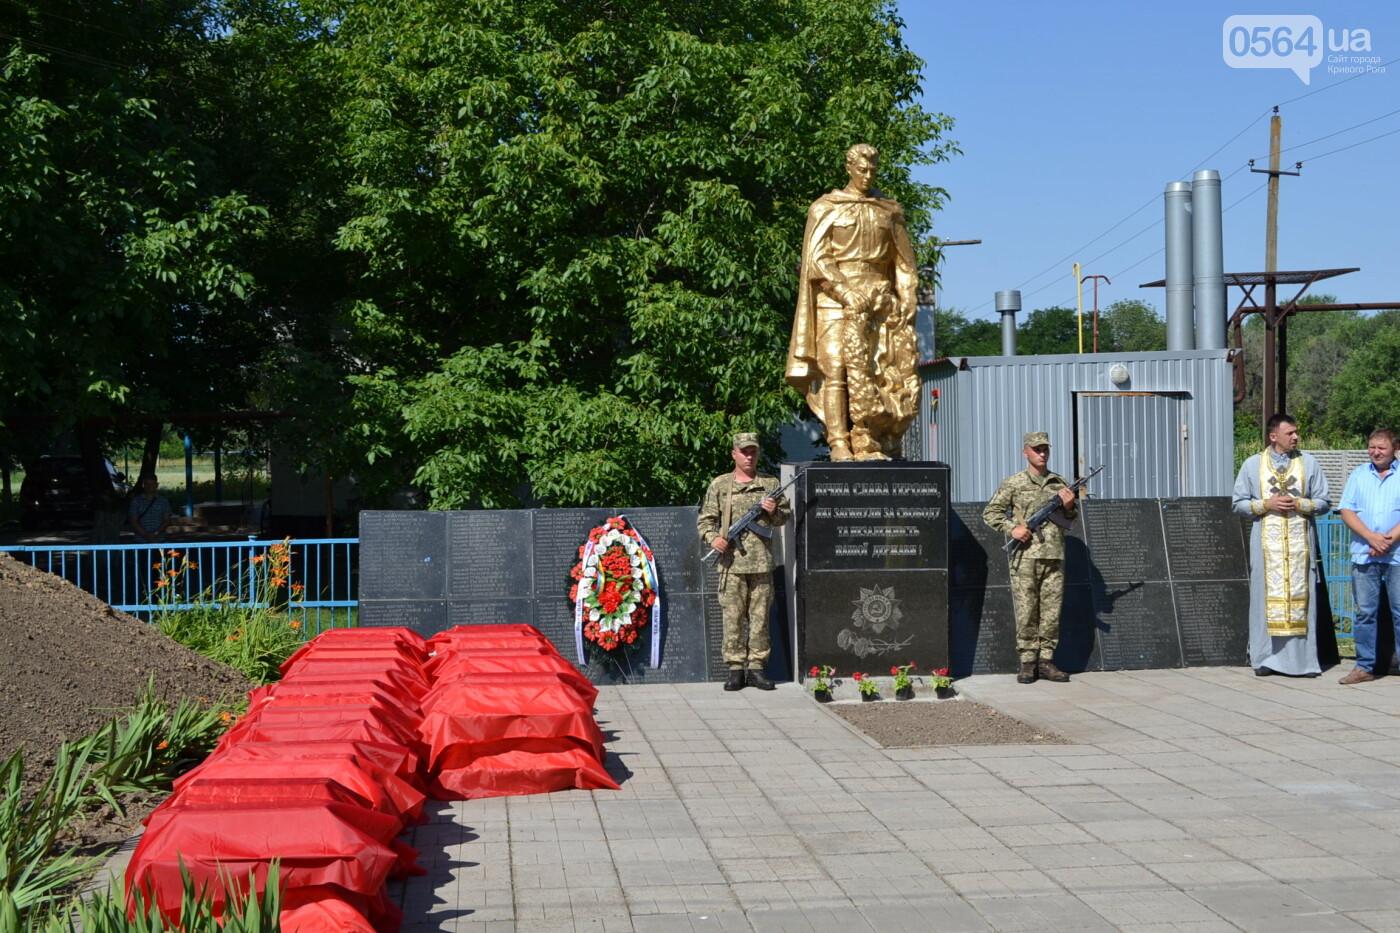 Вечная память! На Криворожье торжественно захоронили останки 43 воинов Второй мировой, - ФОТО, ВИДЕО, фото-13